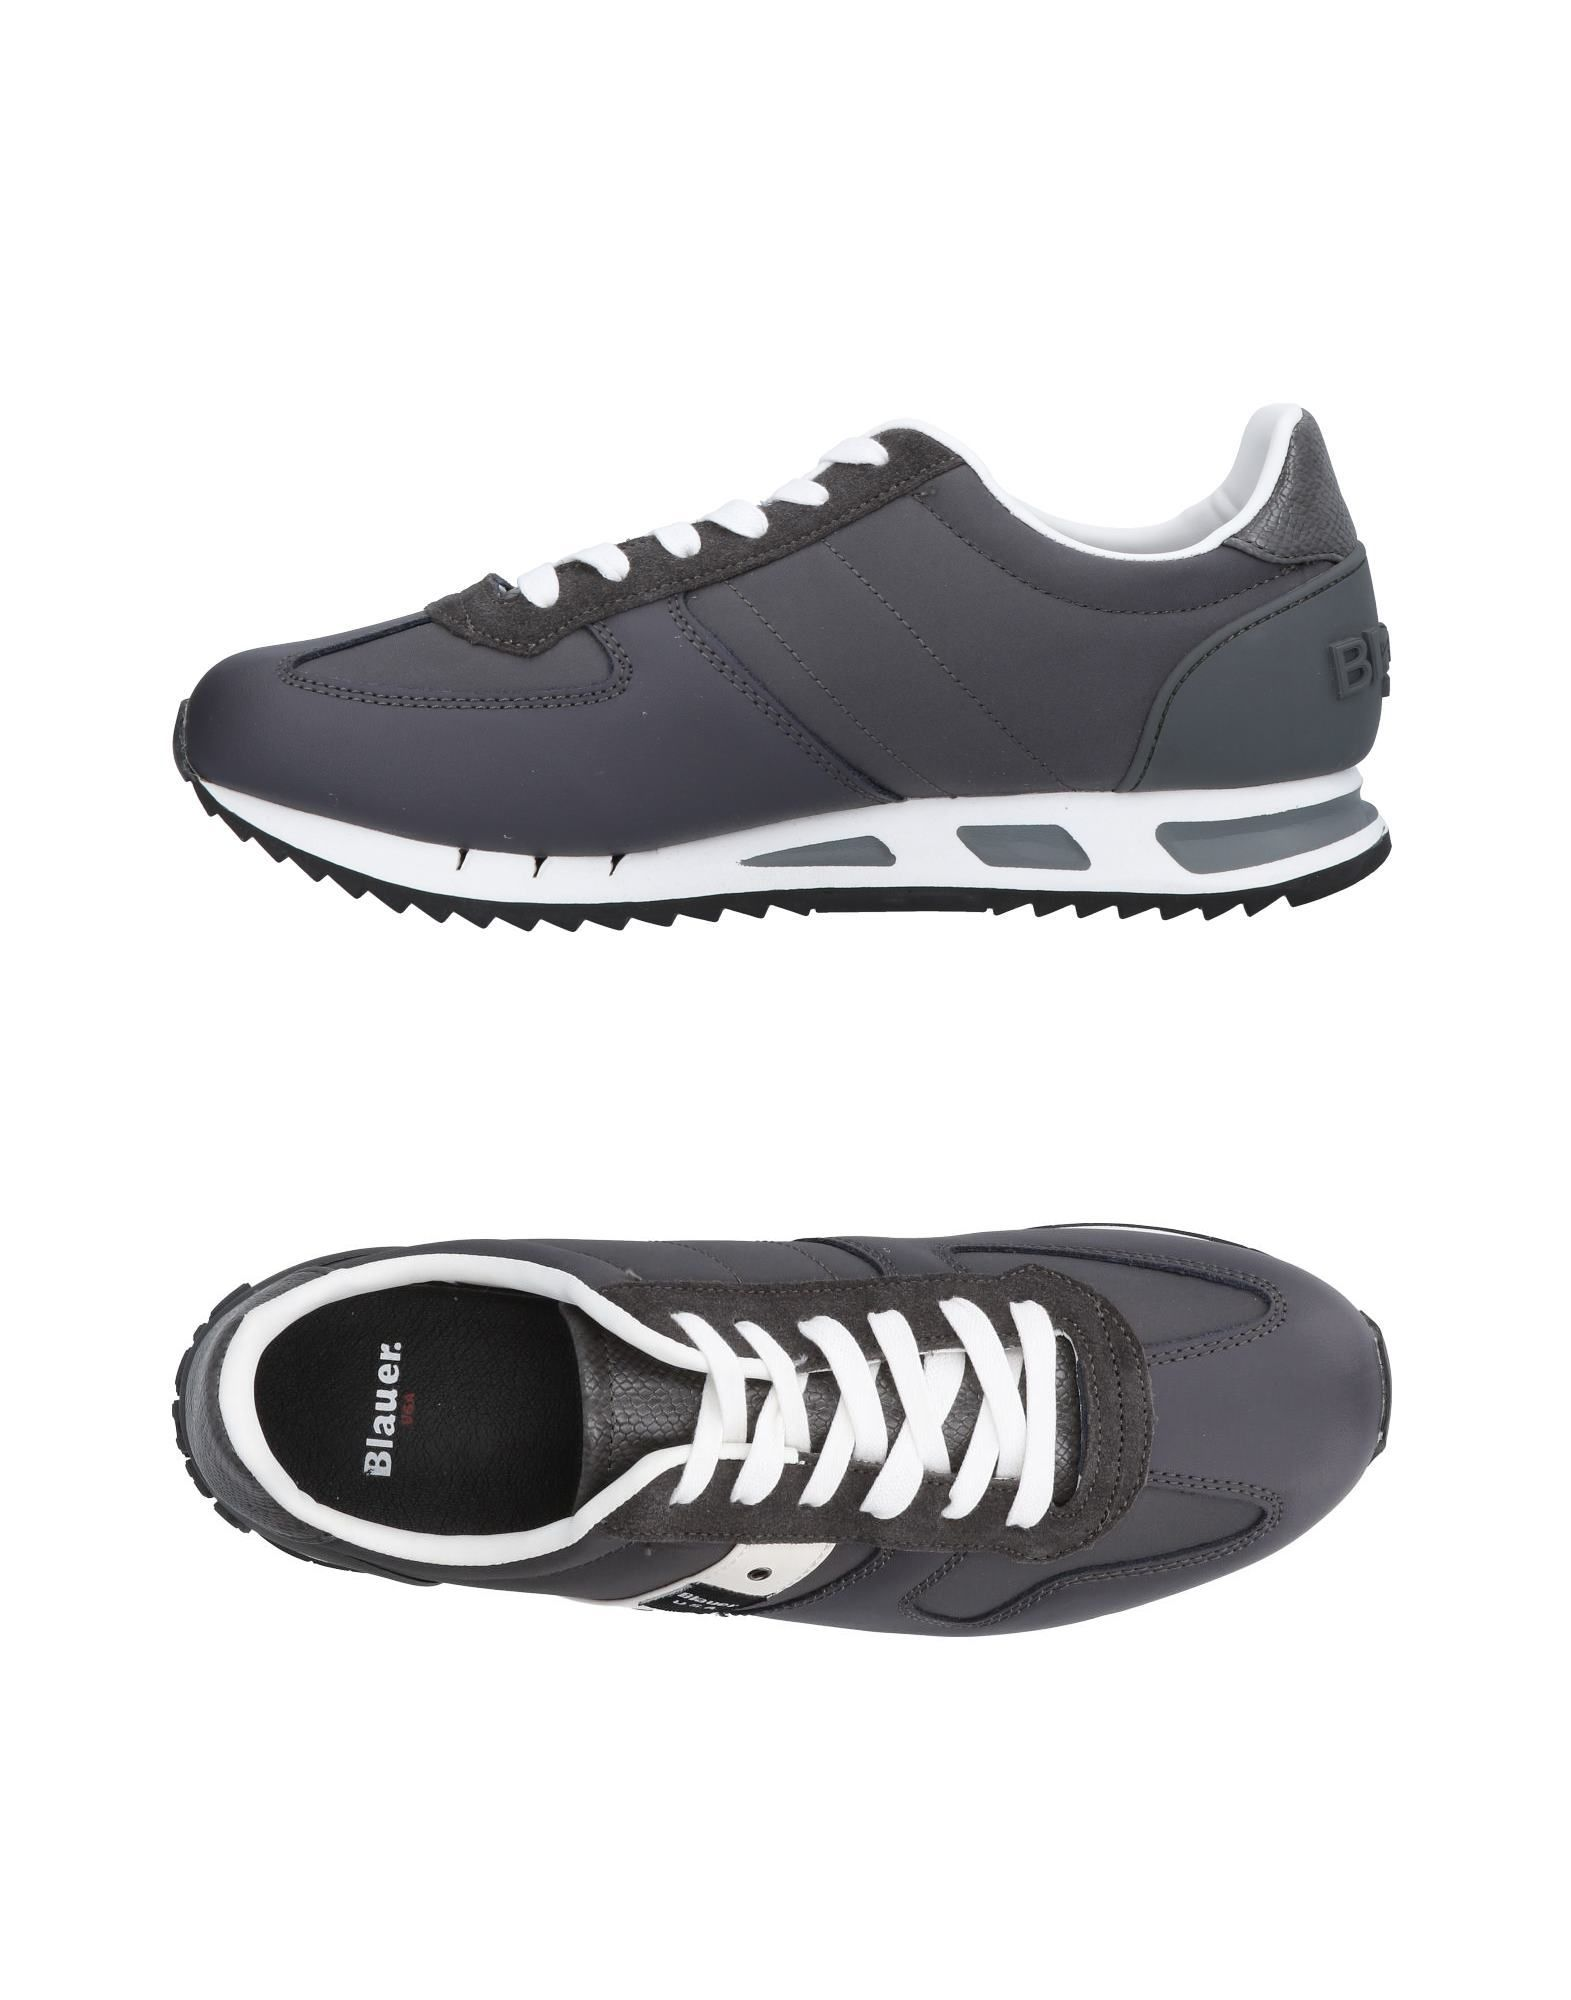 Rabatt echte Schuhe Herren Blauer Sneakers Herren Schuhe